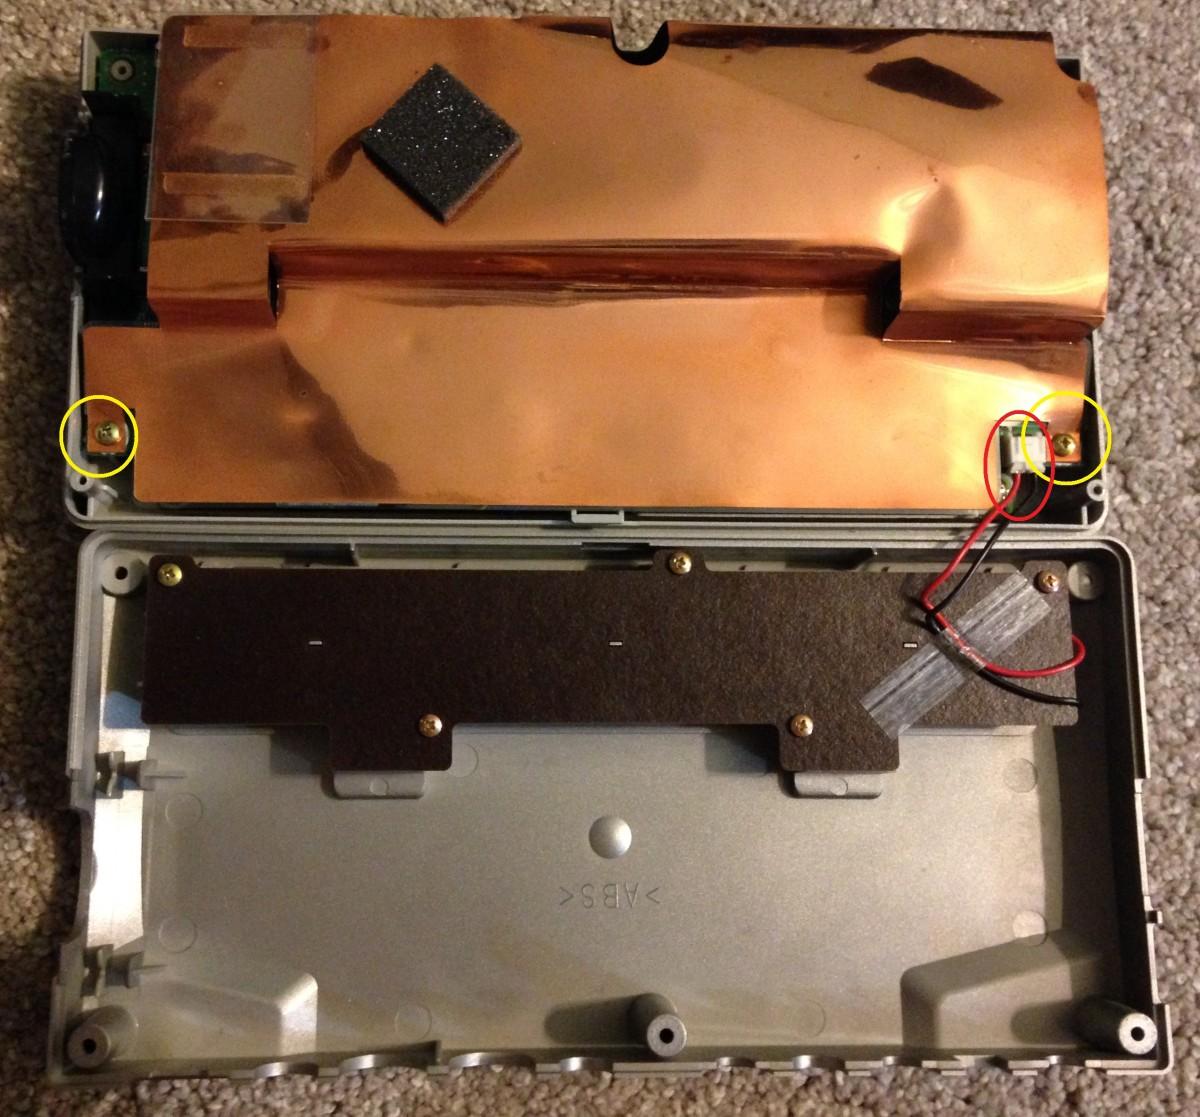 yamaha-qy100-internal-battery-replacement-diy